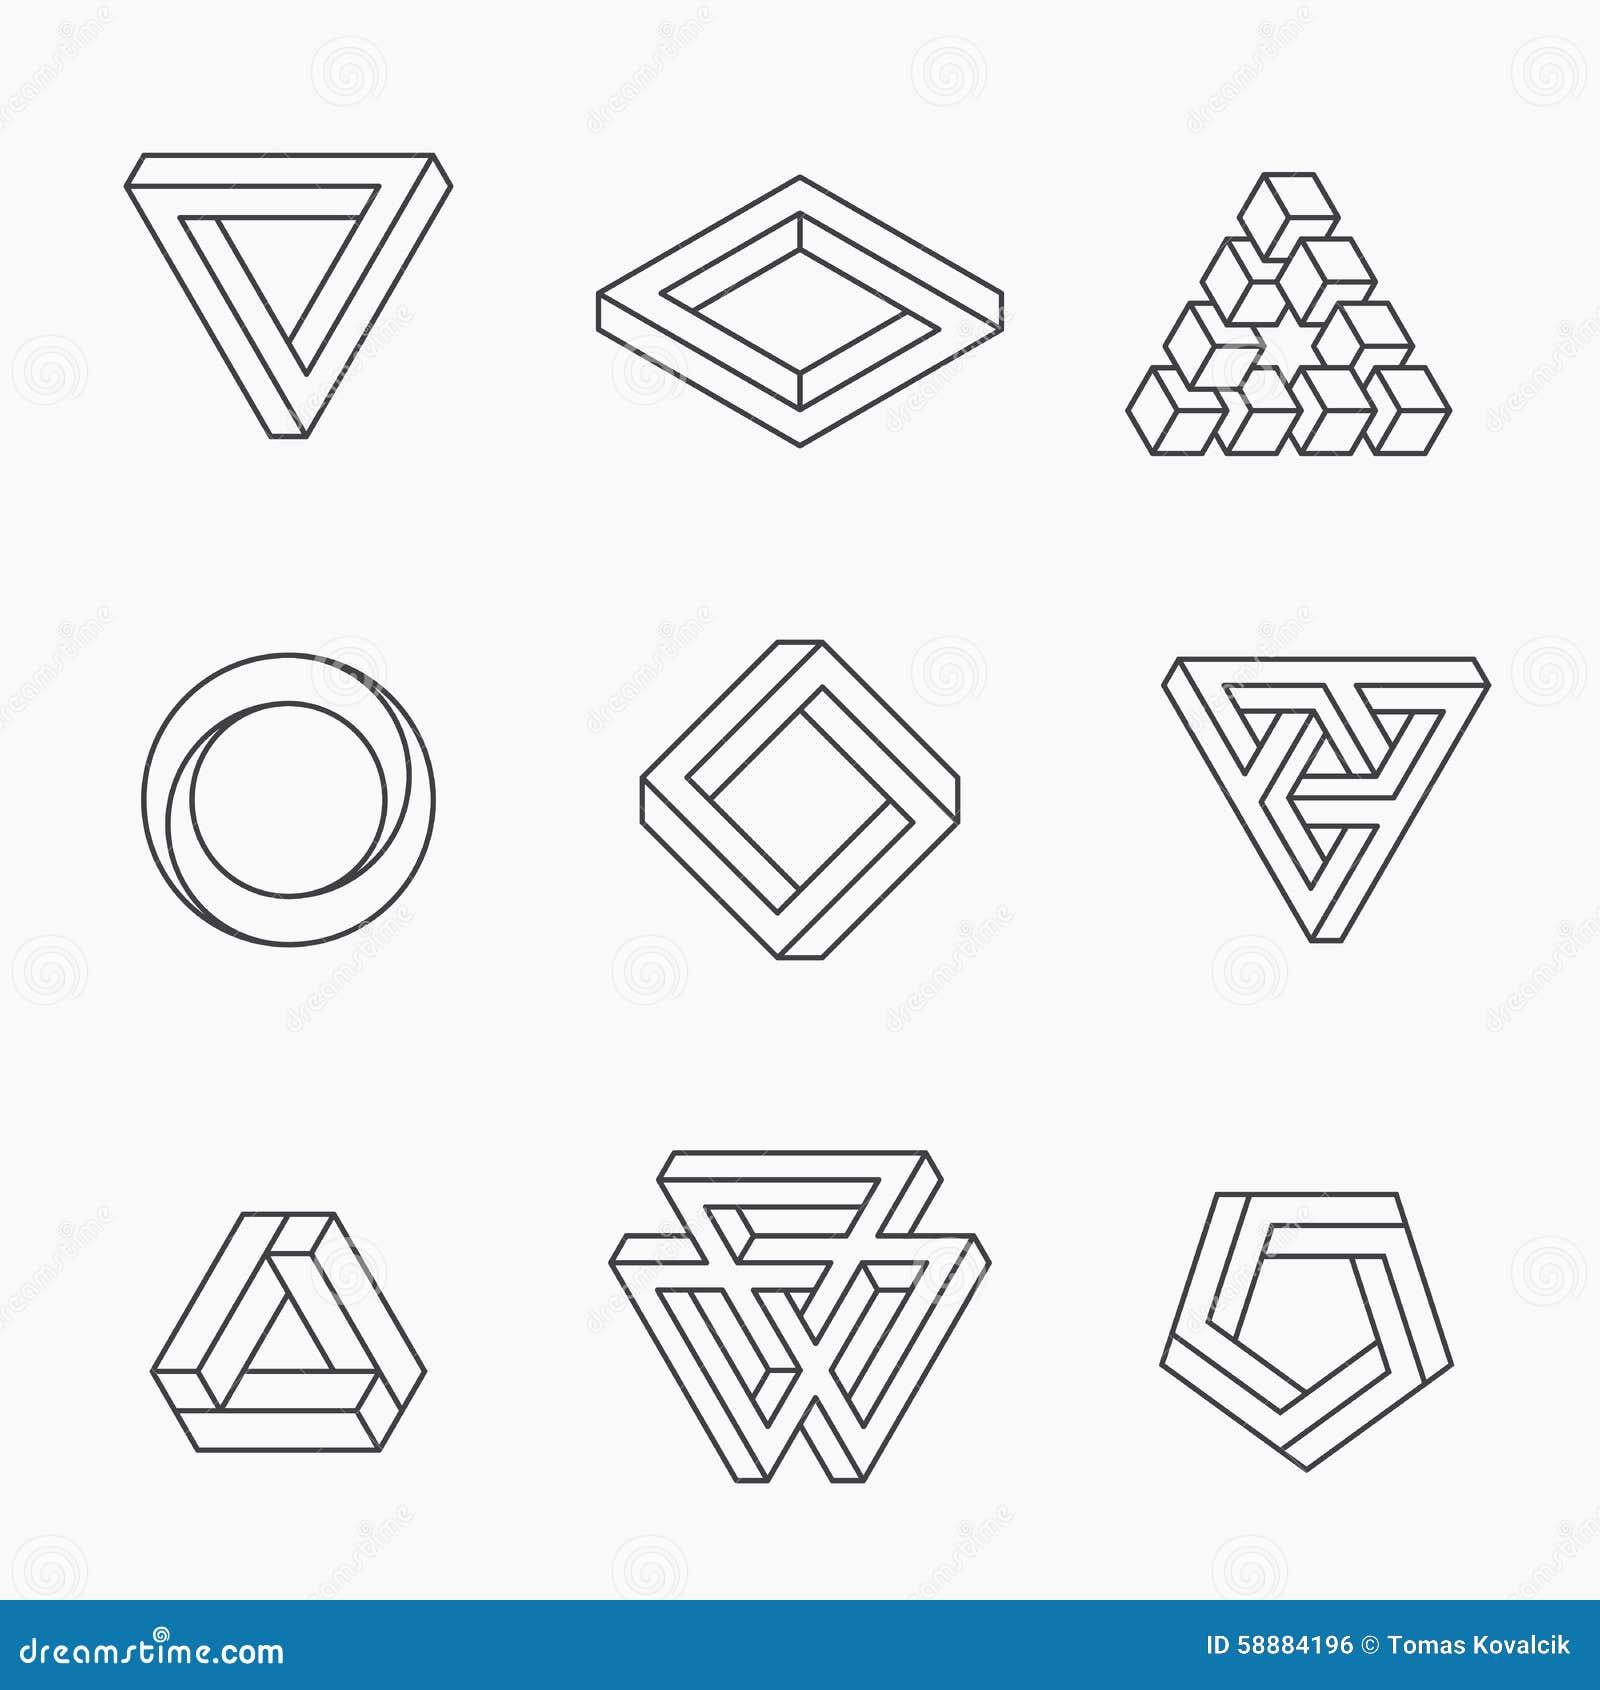 Reeks onmogelijke vormen vector illustratie illustratie - Figuras geometricas imposibles ...